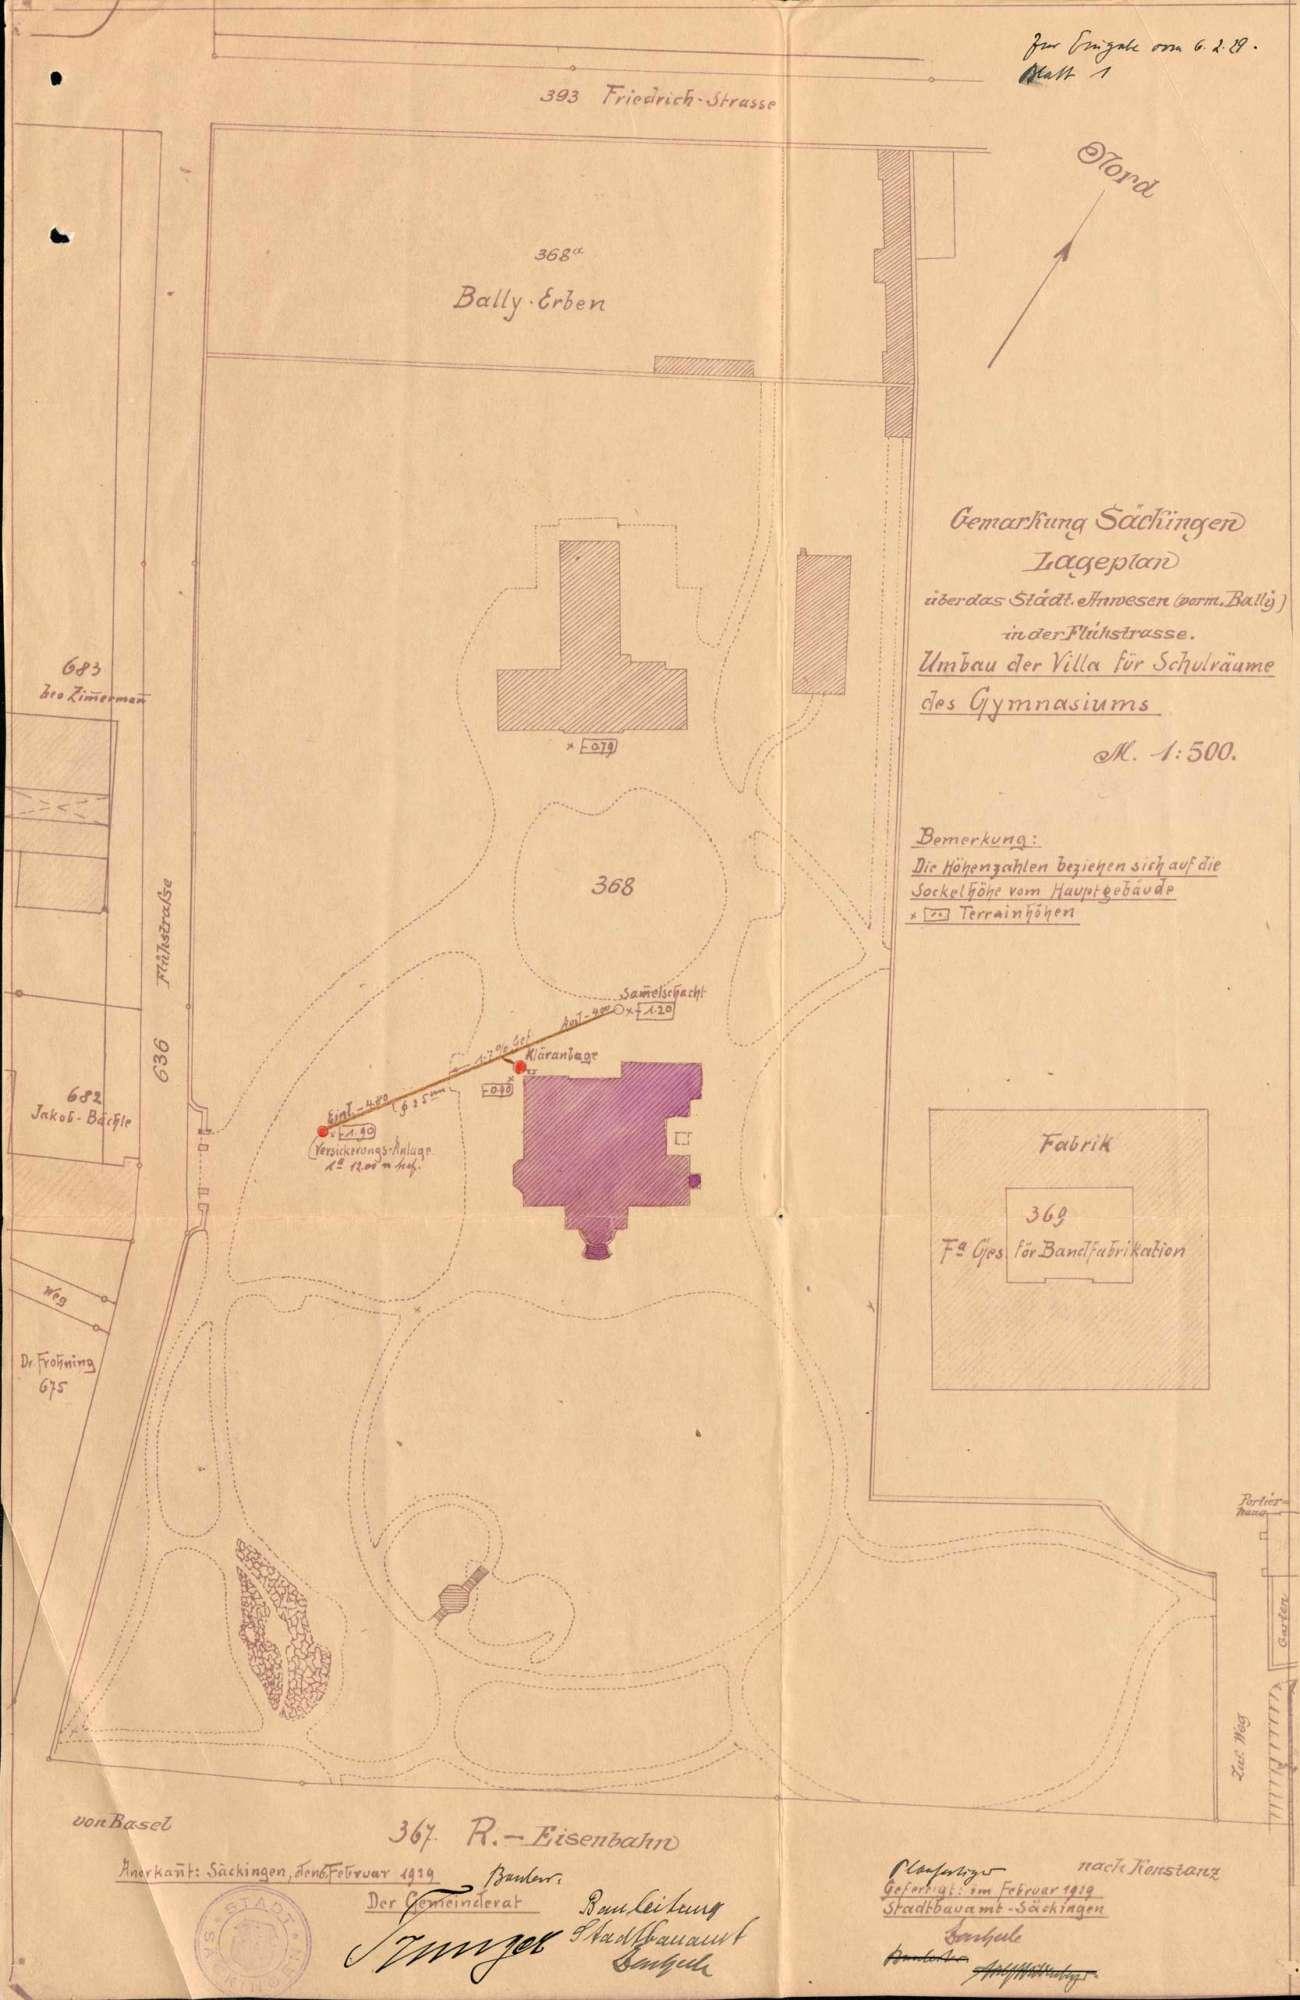 Erstellung von Schulräumlichkeiten für das Realgymnasium in Säckingen, Bild 1